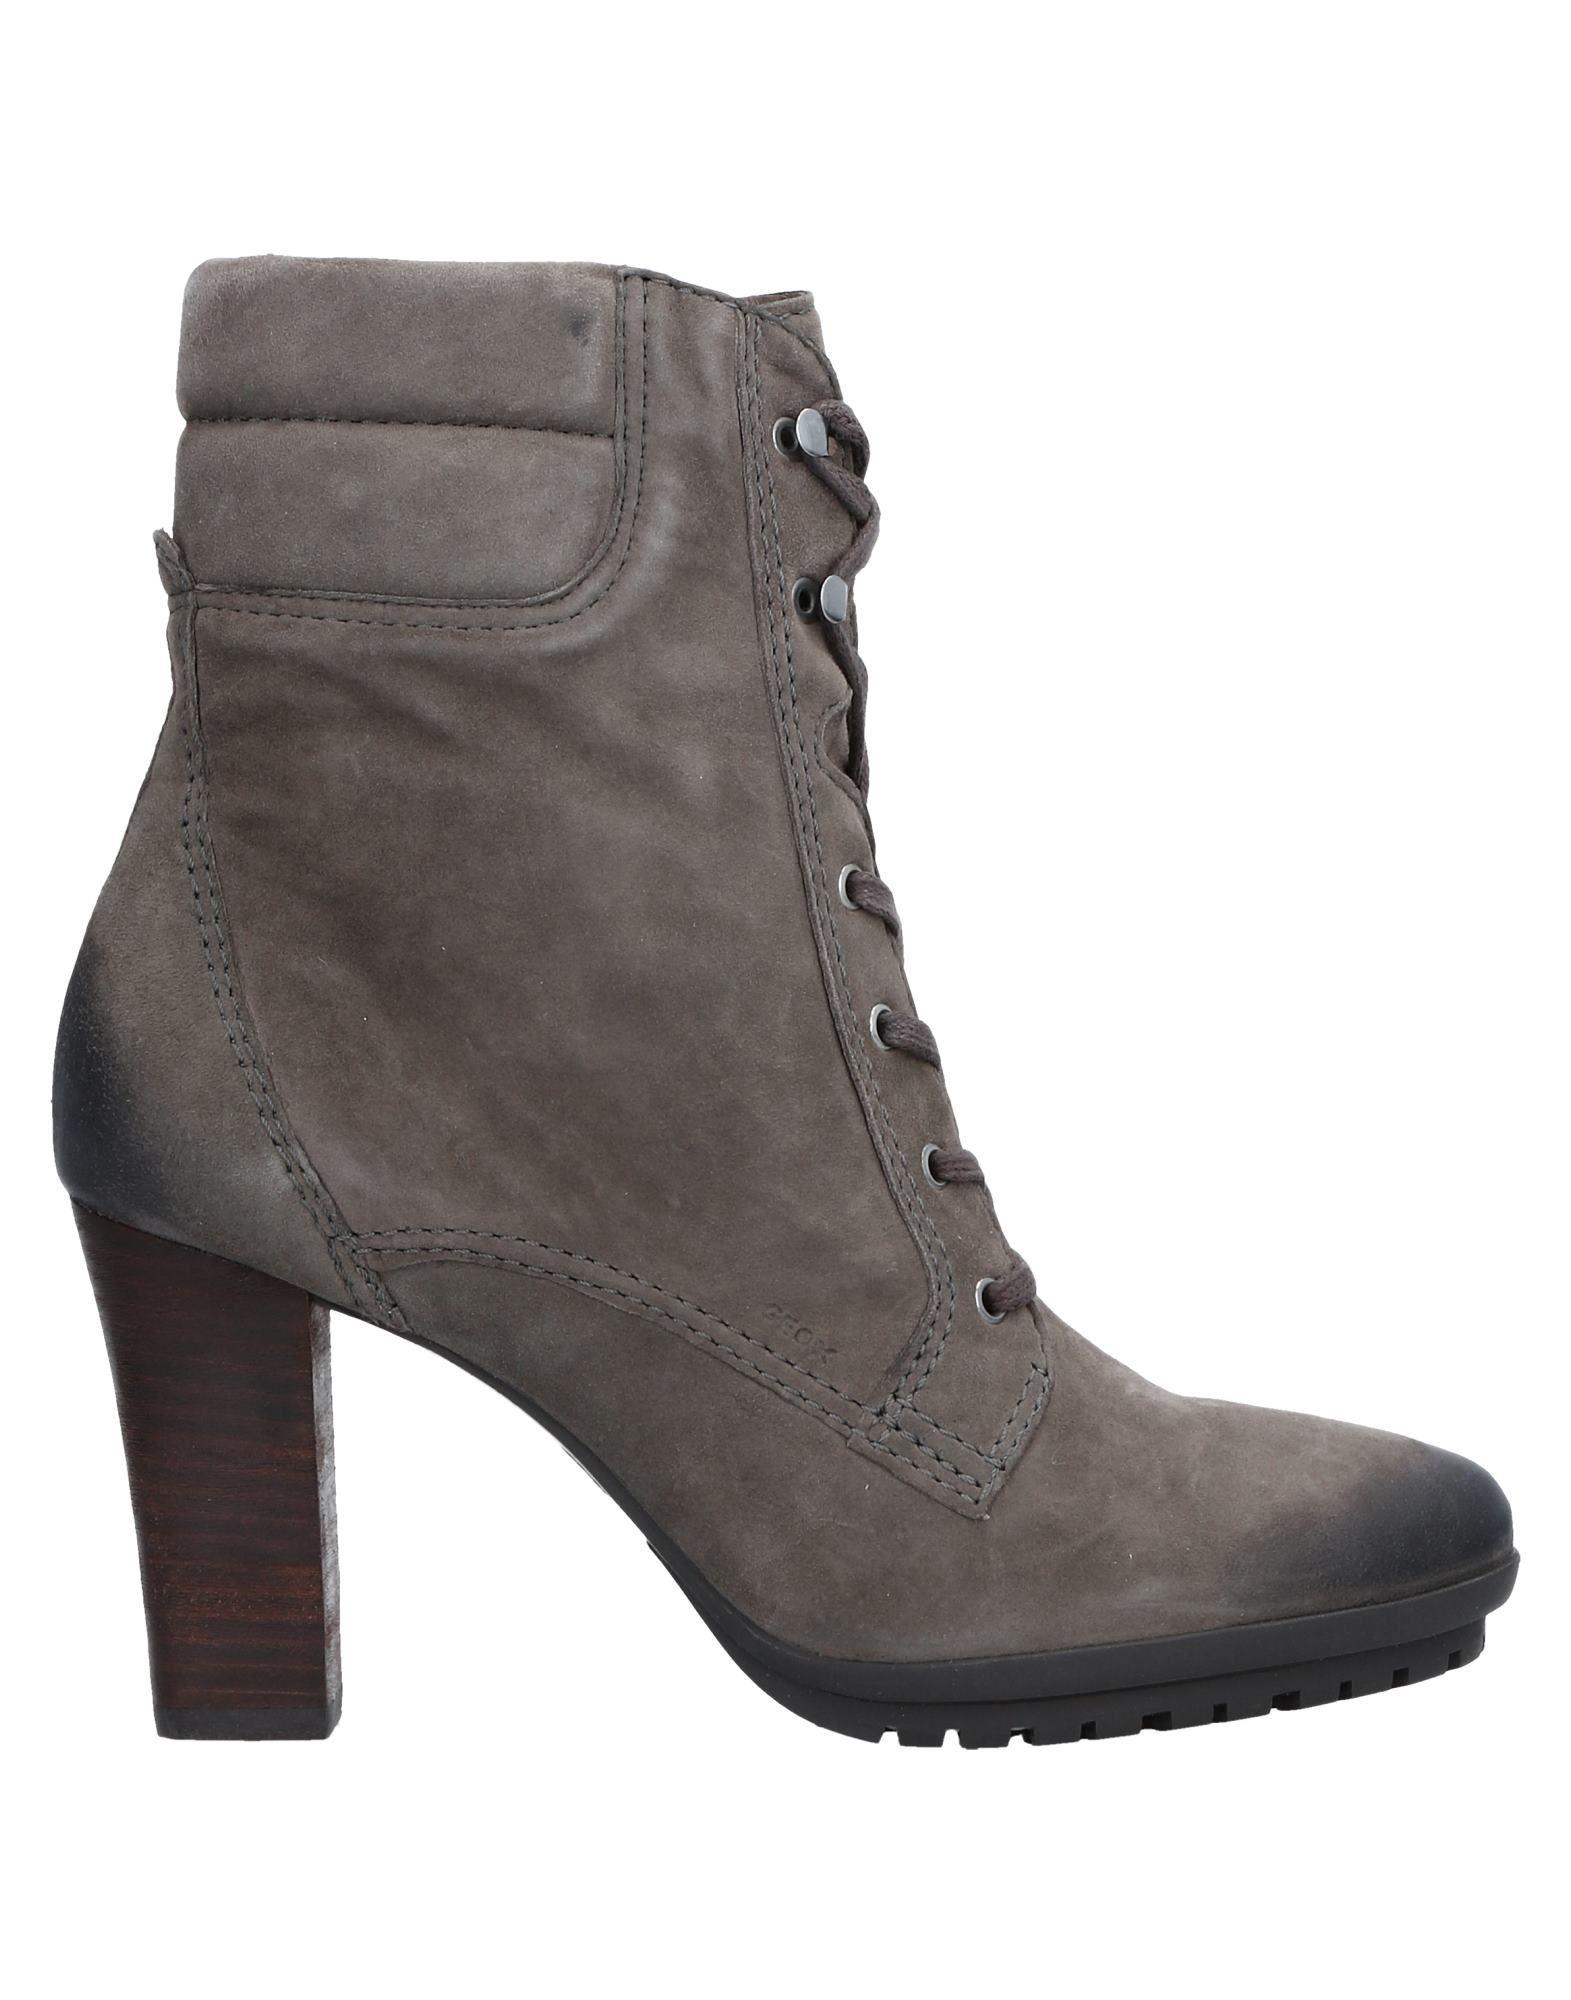 Geox Stiefelette Damen  11537984SO Gute Qualität beliebte Schuhe